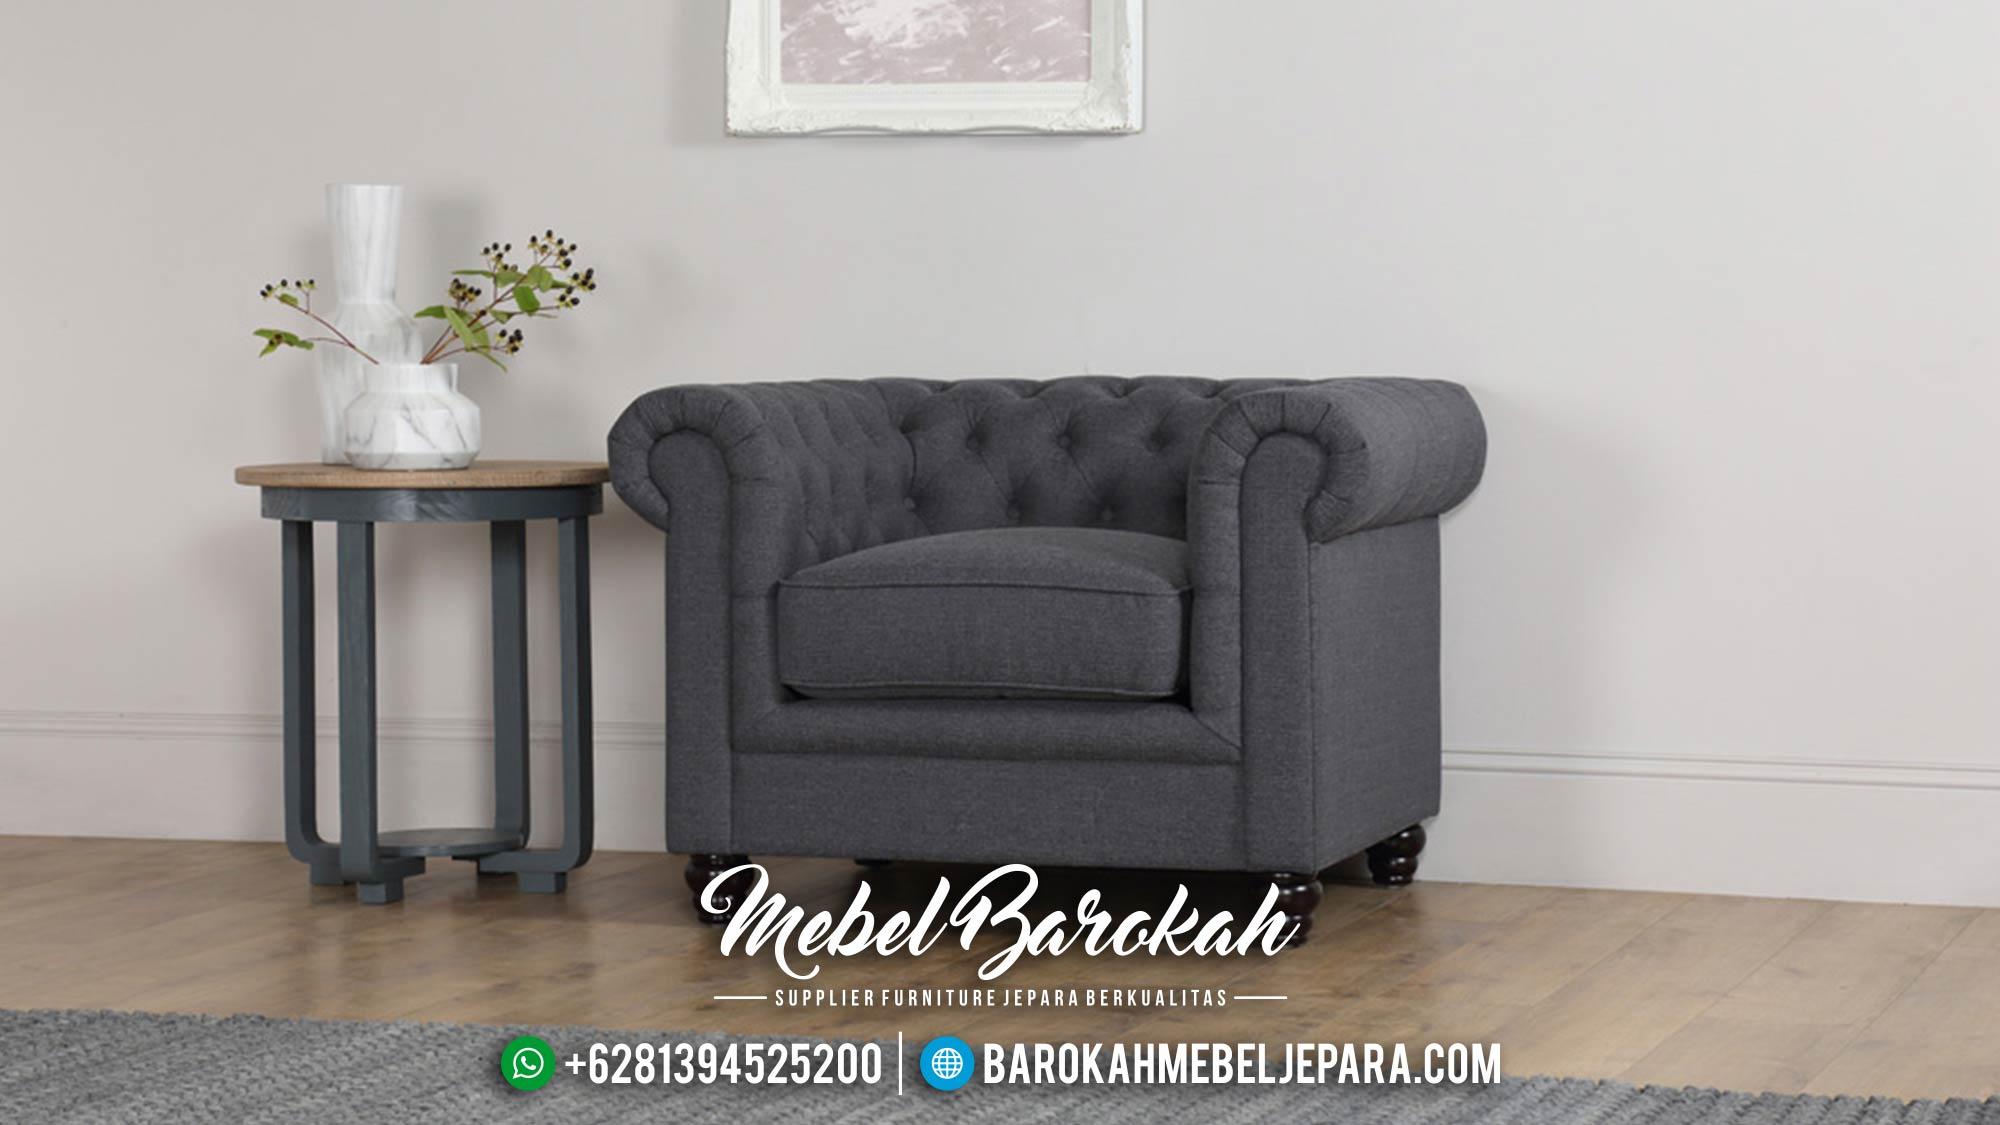 Jual 1 Set Sofa Tamu Mewah Minimalis Jepara Chesterfield MB-0020 Gambar 3